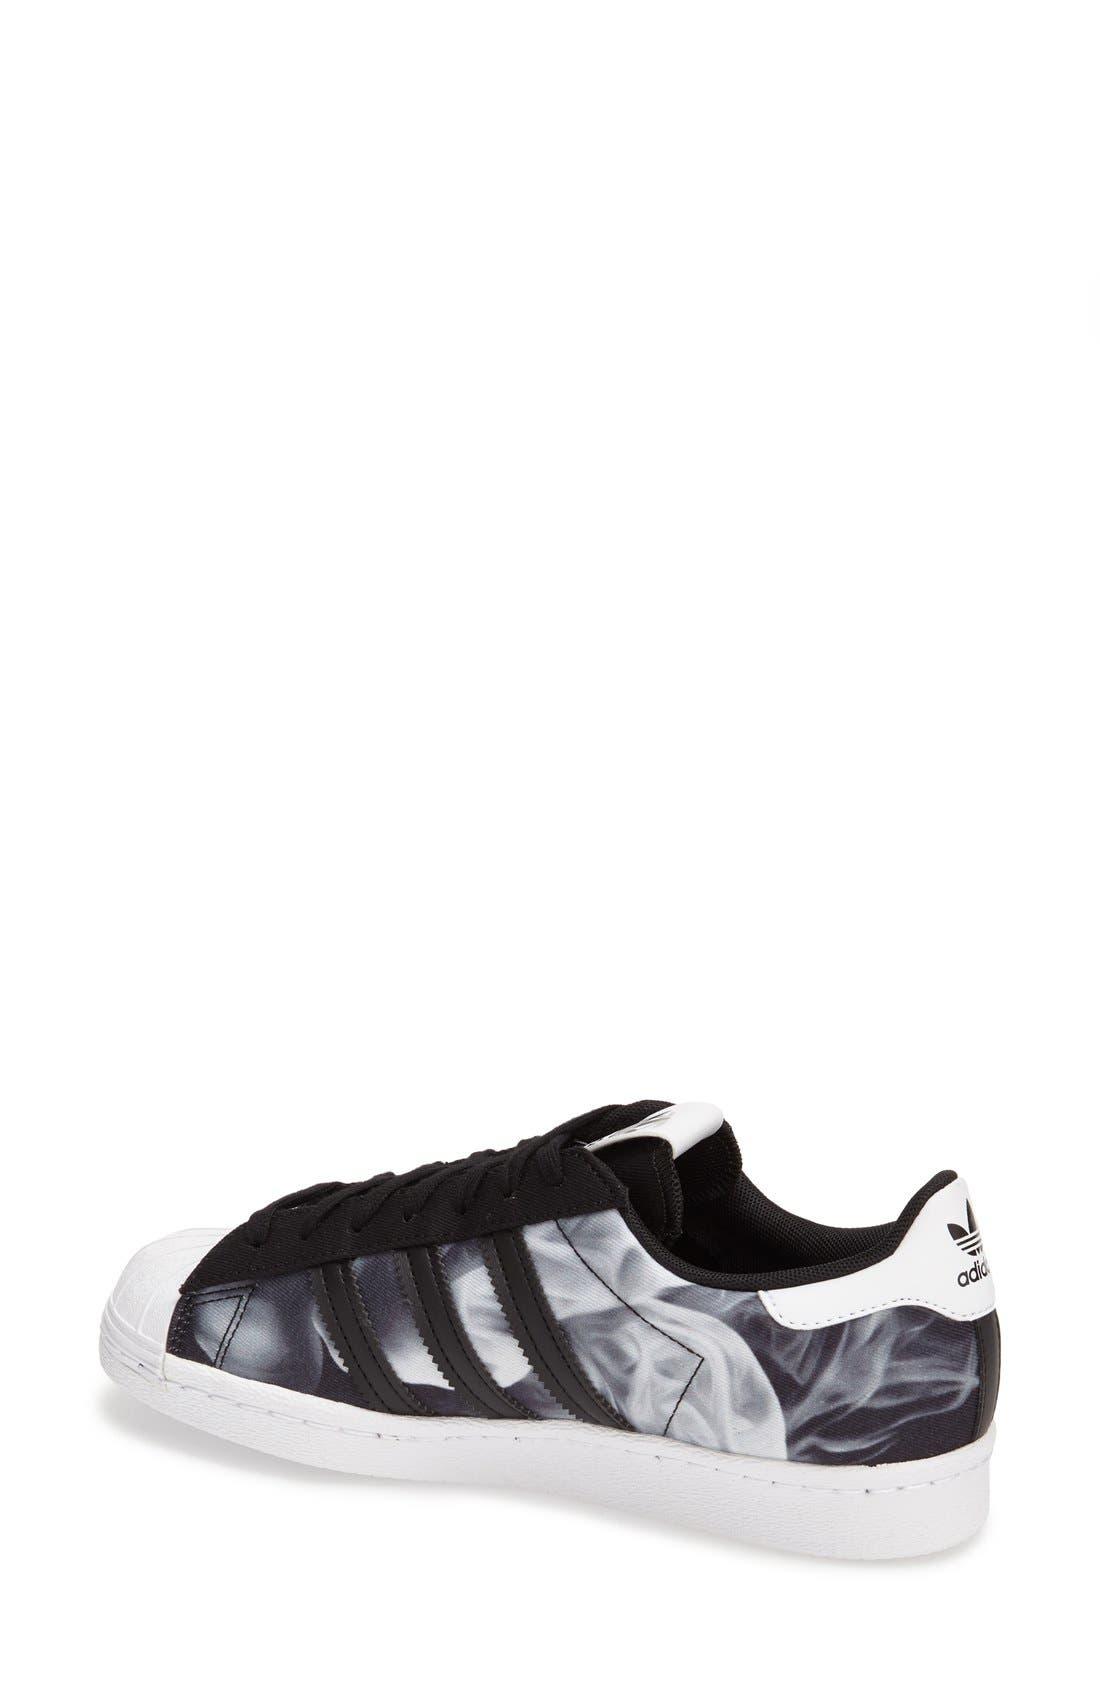 Alternate Image 2  - adidas 'Superstar 80 - Rita Ora' Sneaker (Women)